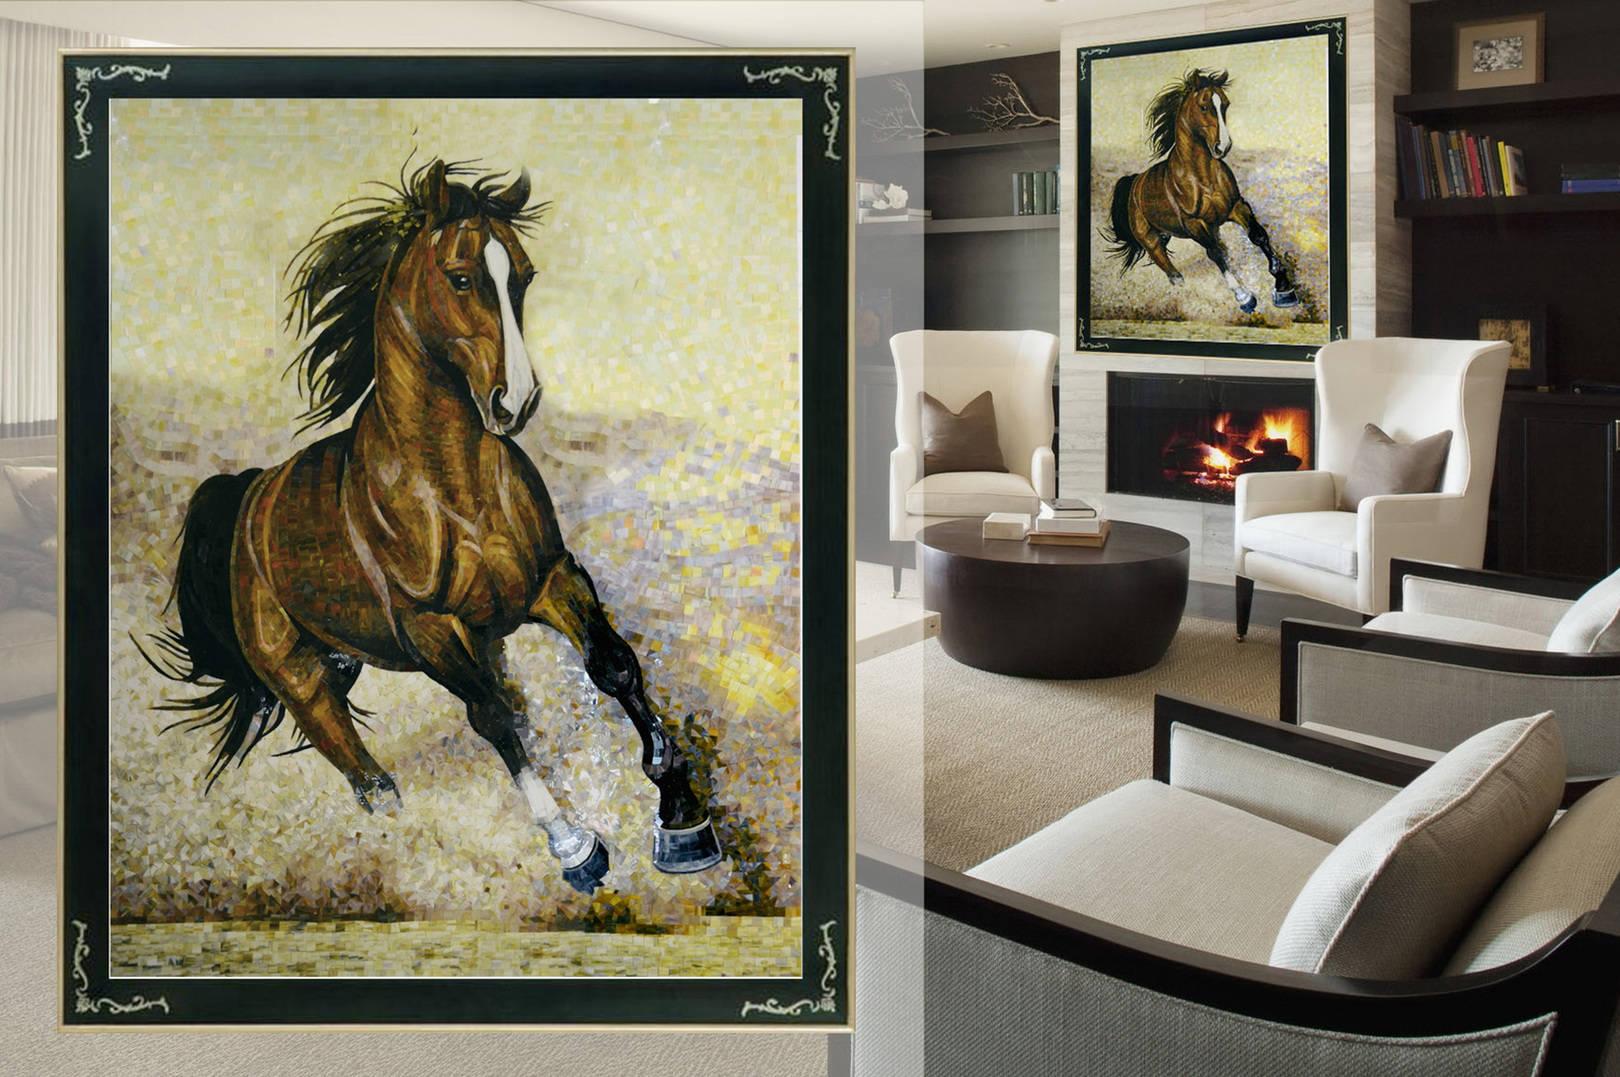 Лошадь  выполнена из витражного стекла. Гладкая  поверхность материала  создает  глянцевый эффект на поверхности картины, это придает блеск  и ощущение отполированной картины. @irina_nesterova_in